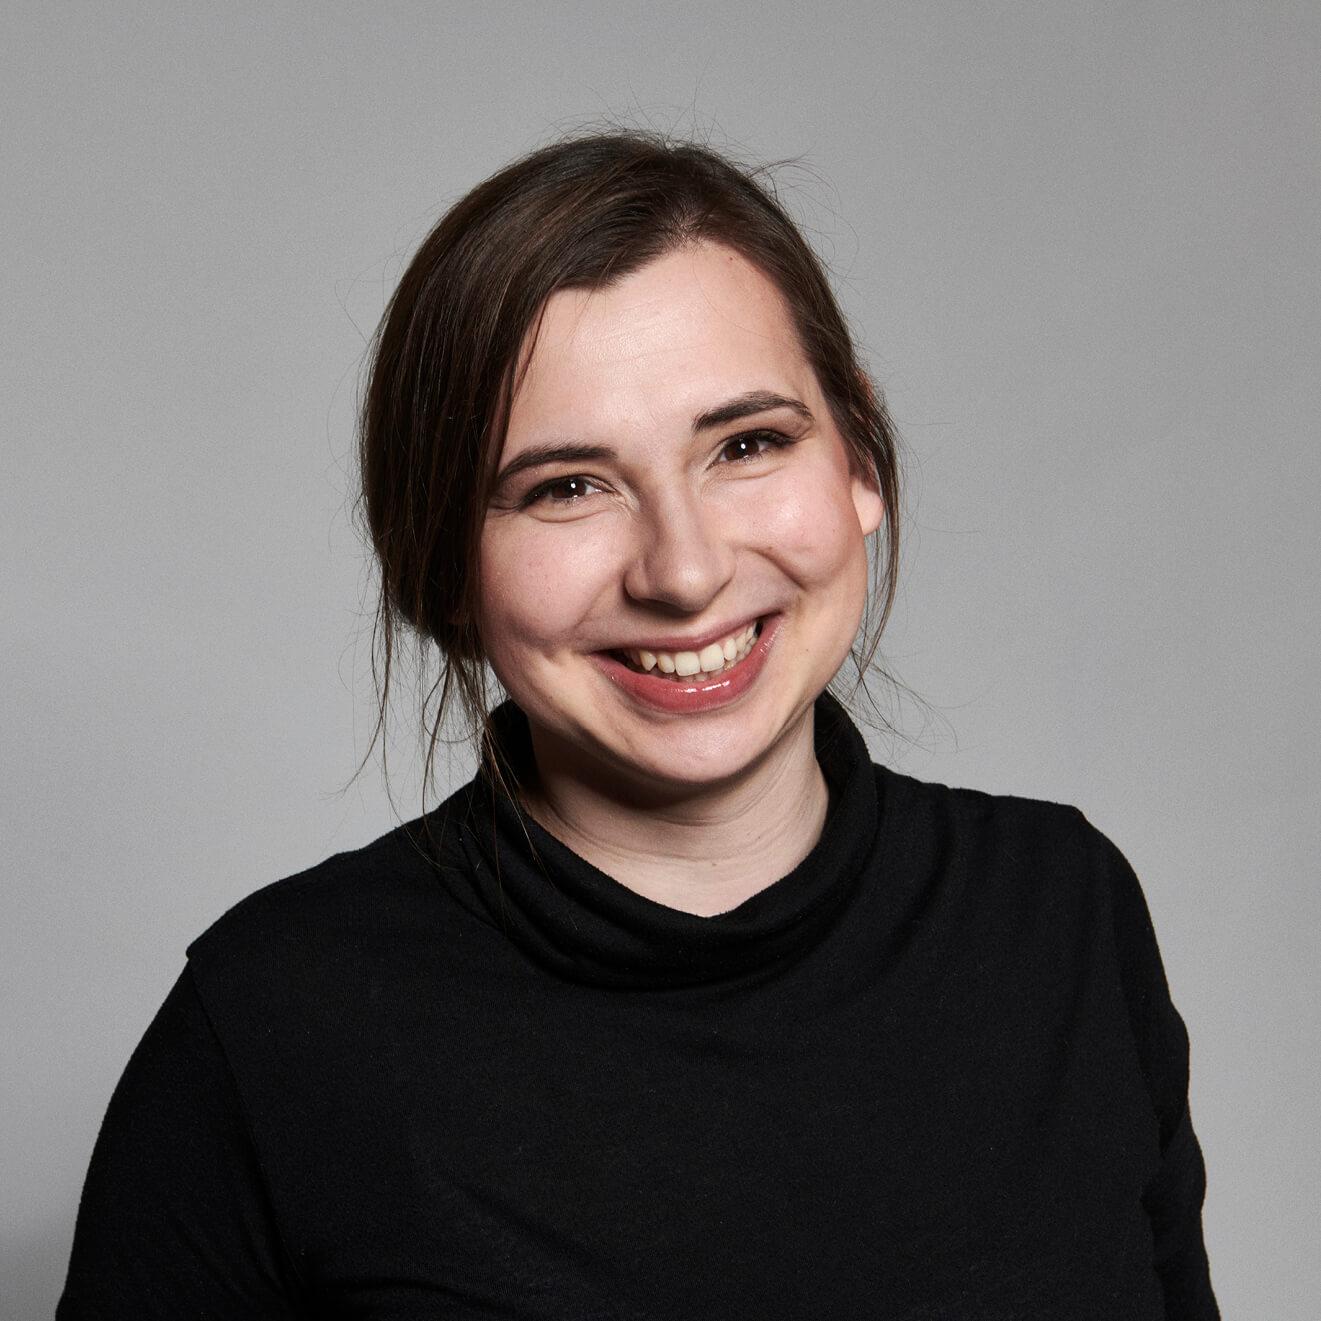 Patrícia Hirschnerová